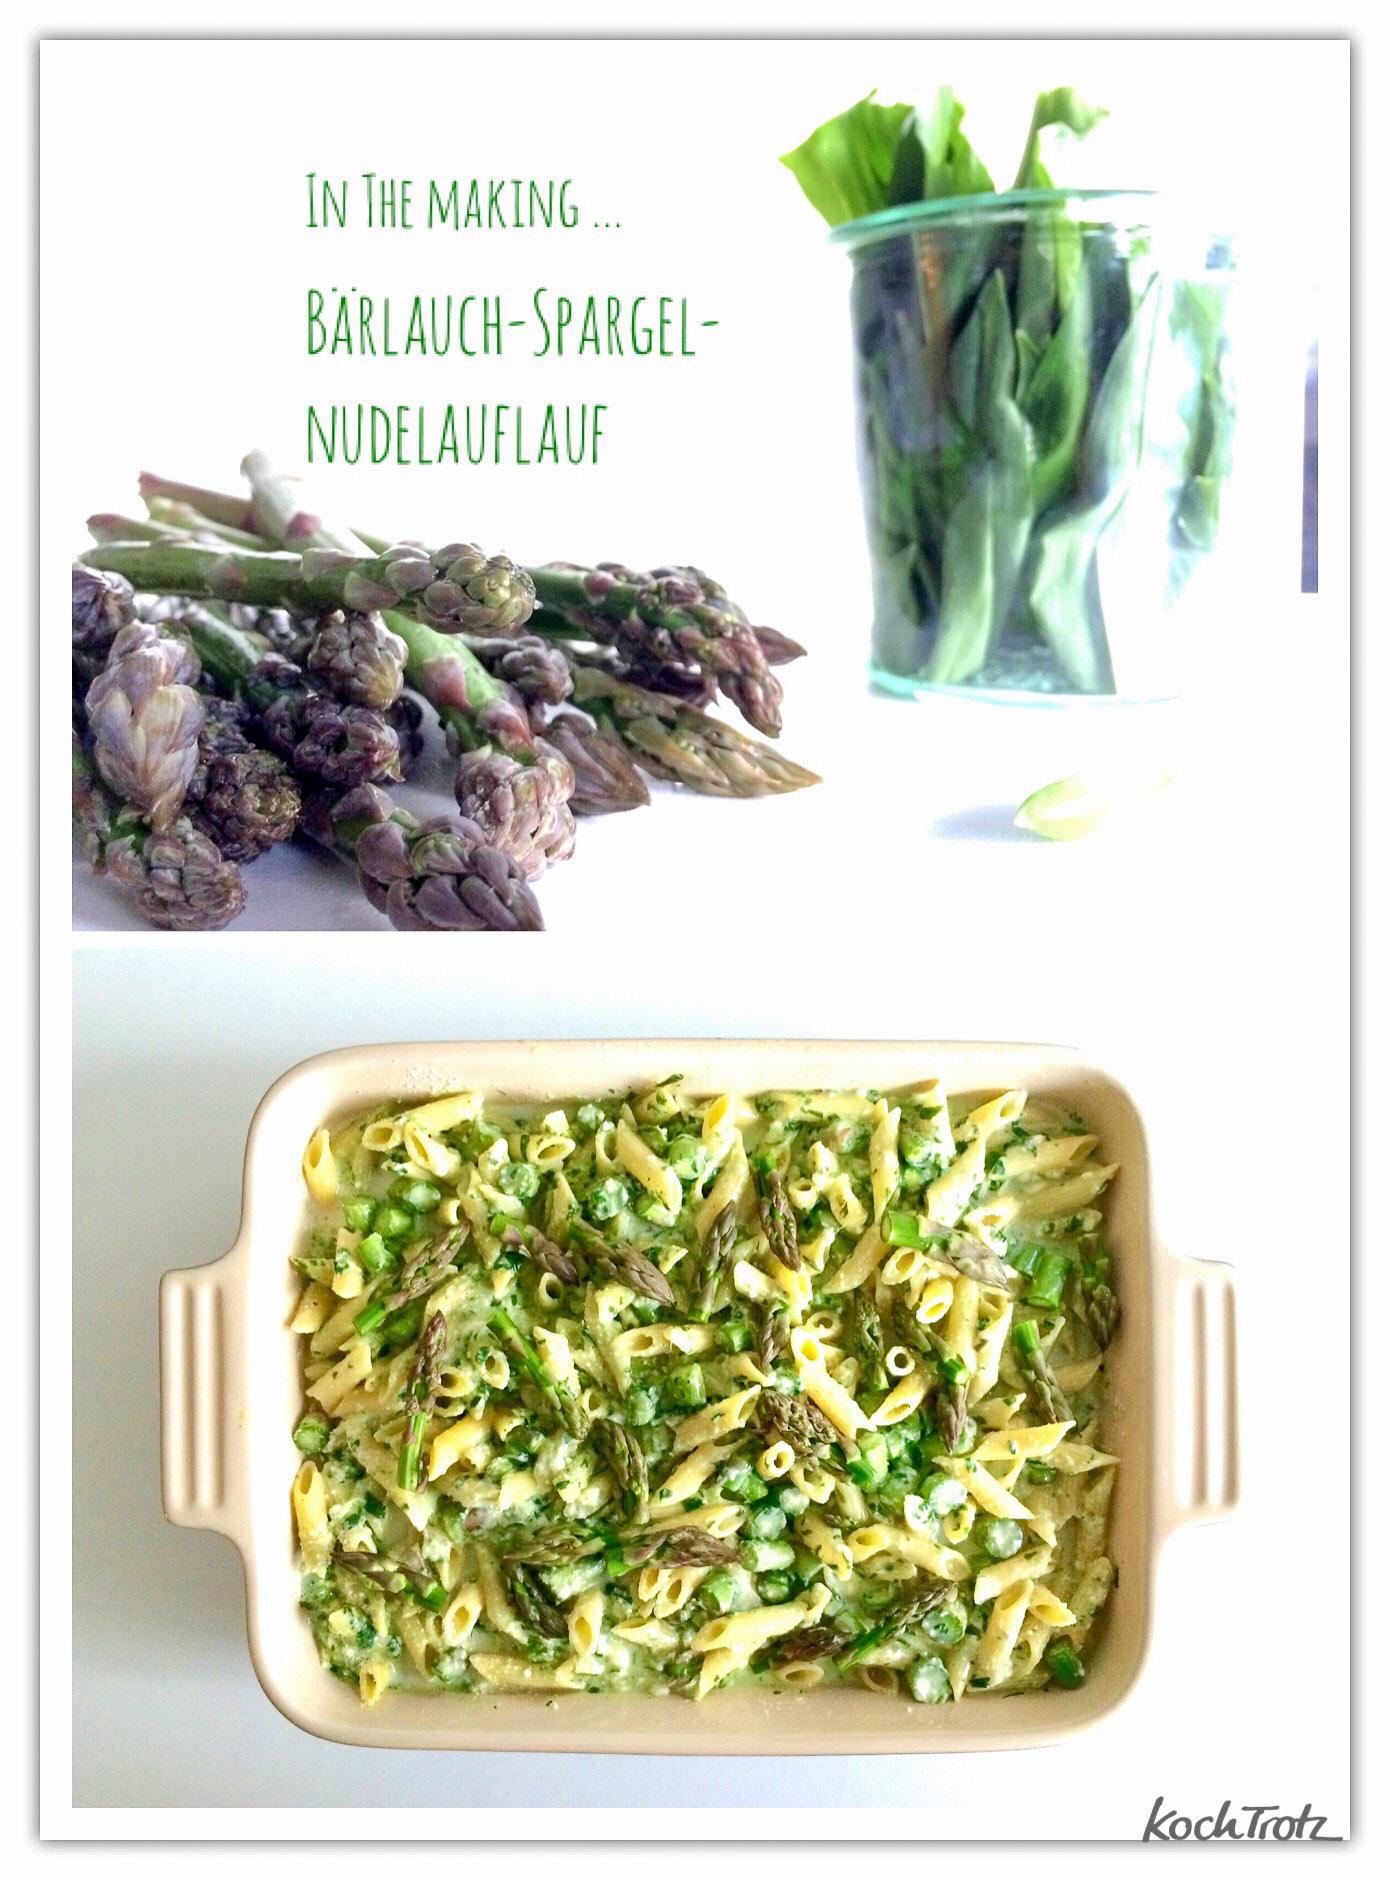 Bärlauch-Spargel-Nudelauflauf | easy peasy und super lecker :)